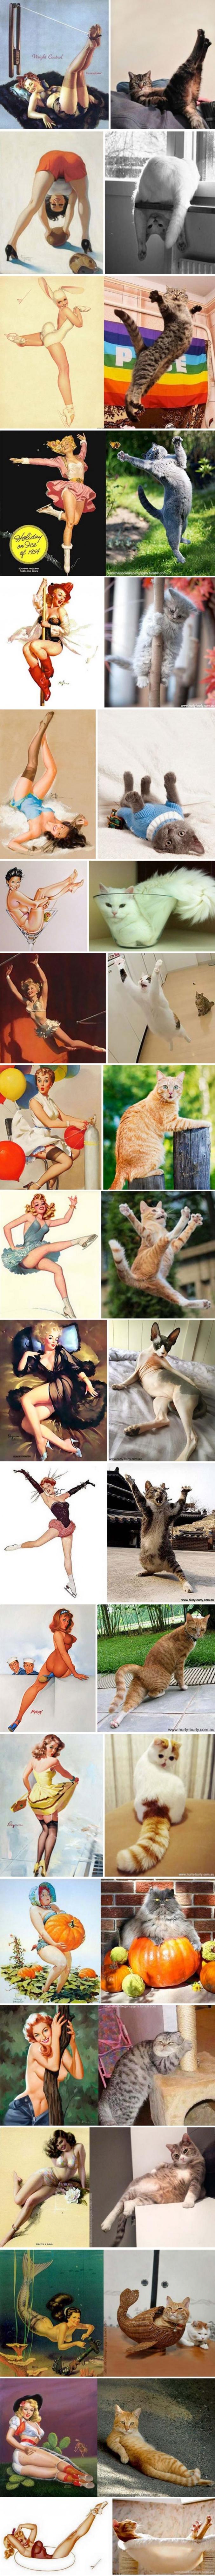 Des chats, des chats, des chats !